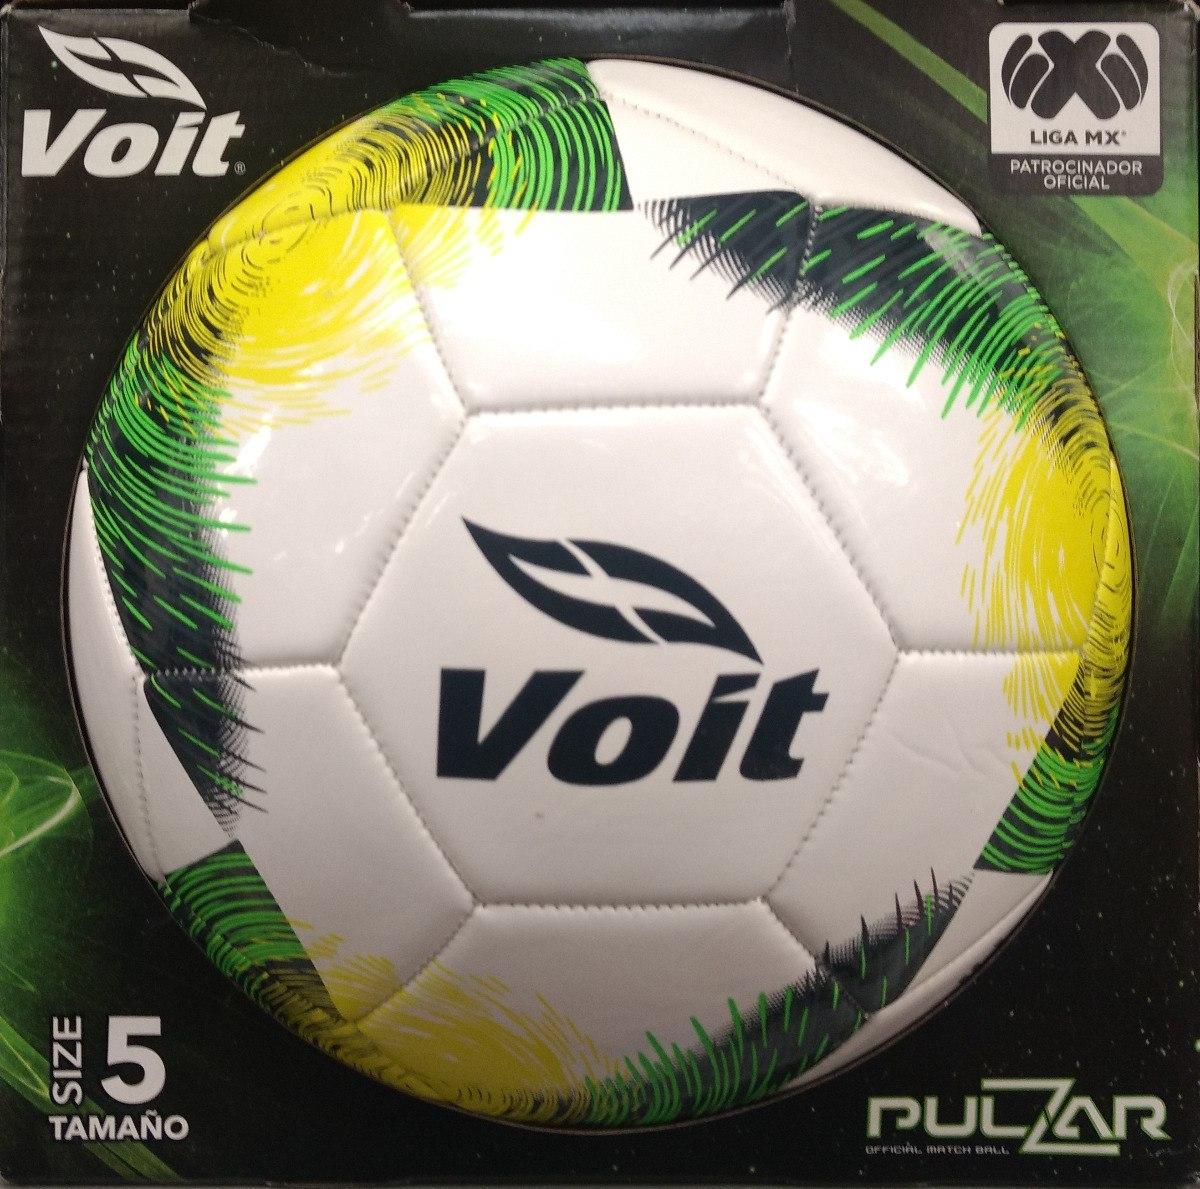 Balon futbol liga clausura tam voit pulzar en mercado libre jpg 1200x1189  Balon de la liga 3d496e0676318